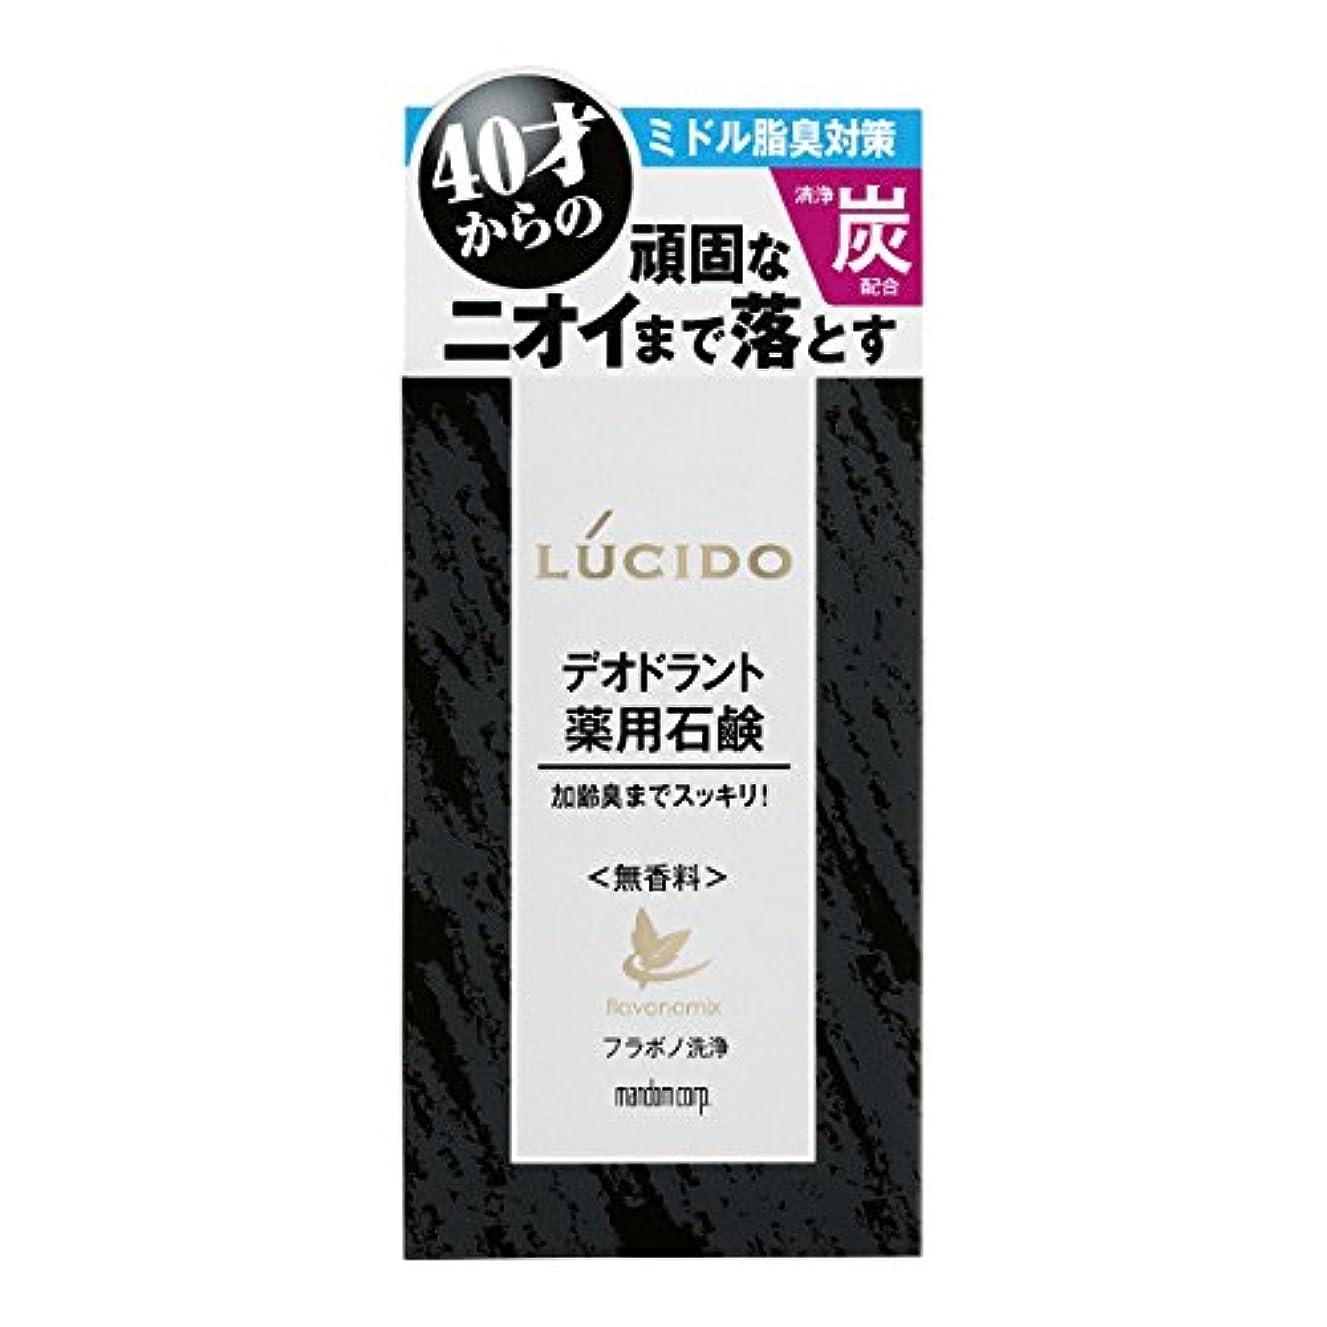 ハンマー指紋キャロラインルシード 薬用デオドラント石鹸 100g(医薬部外品)